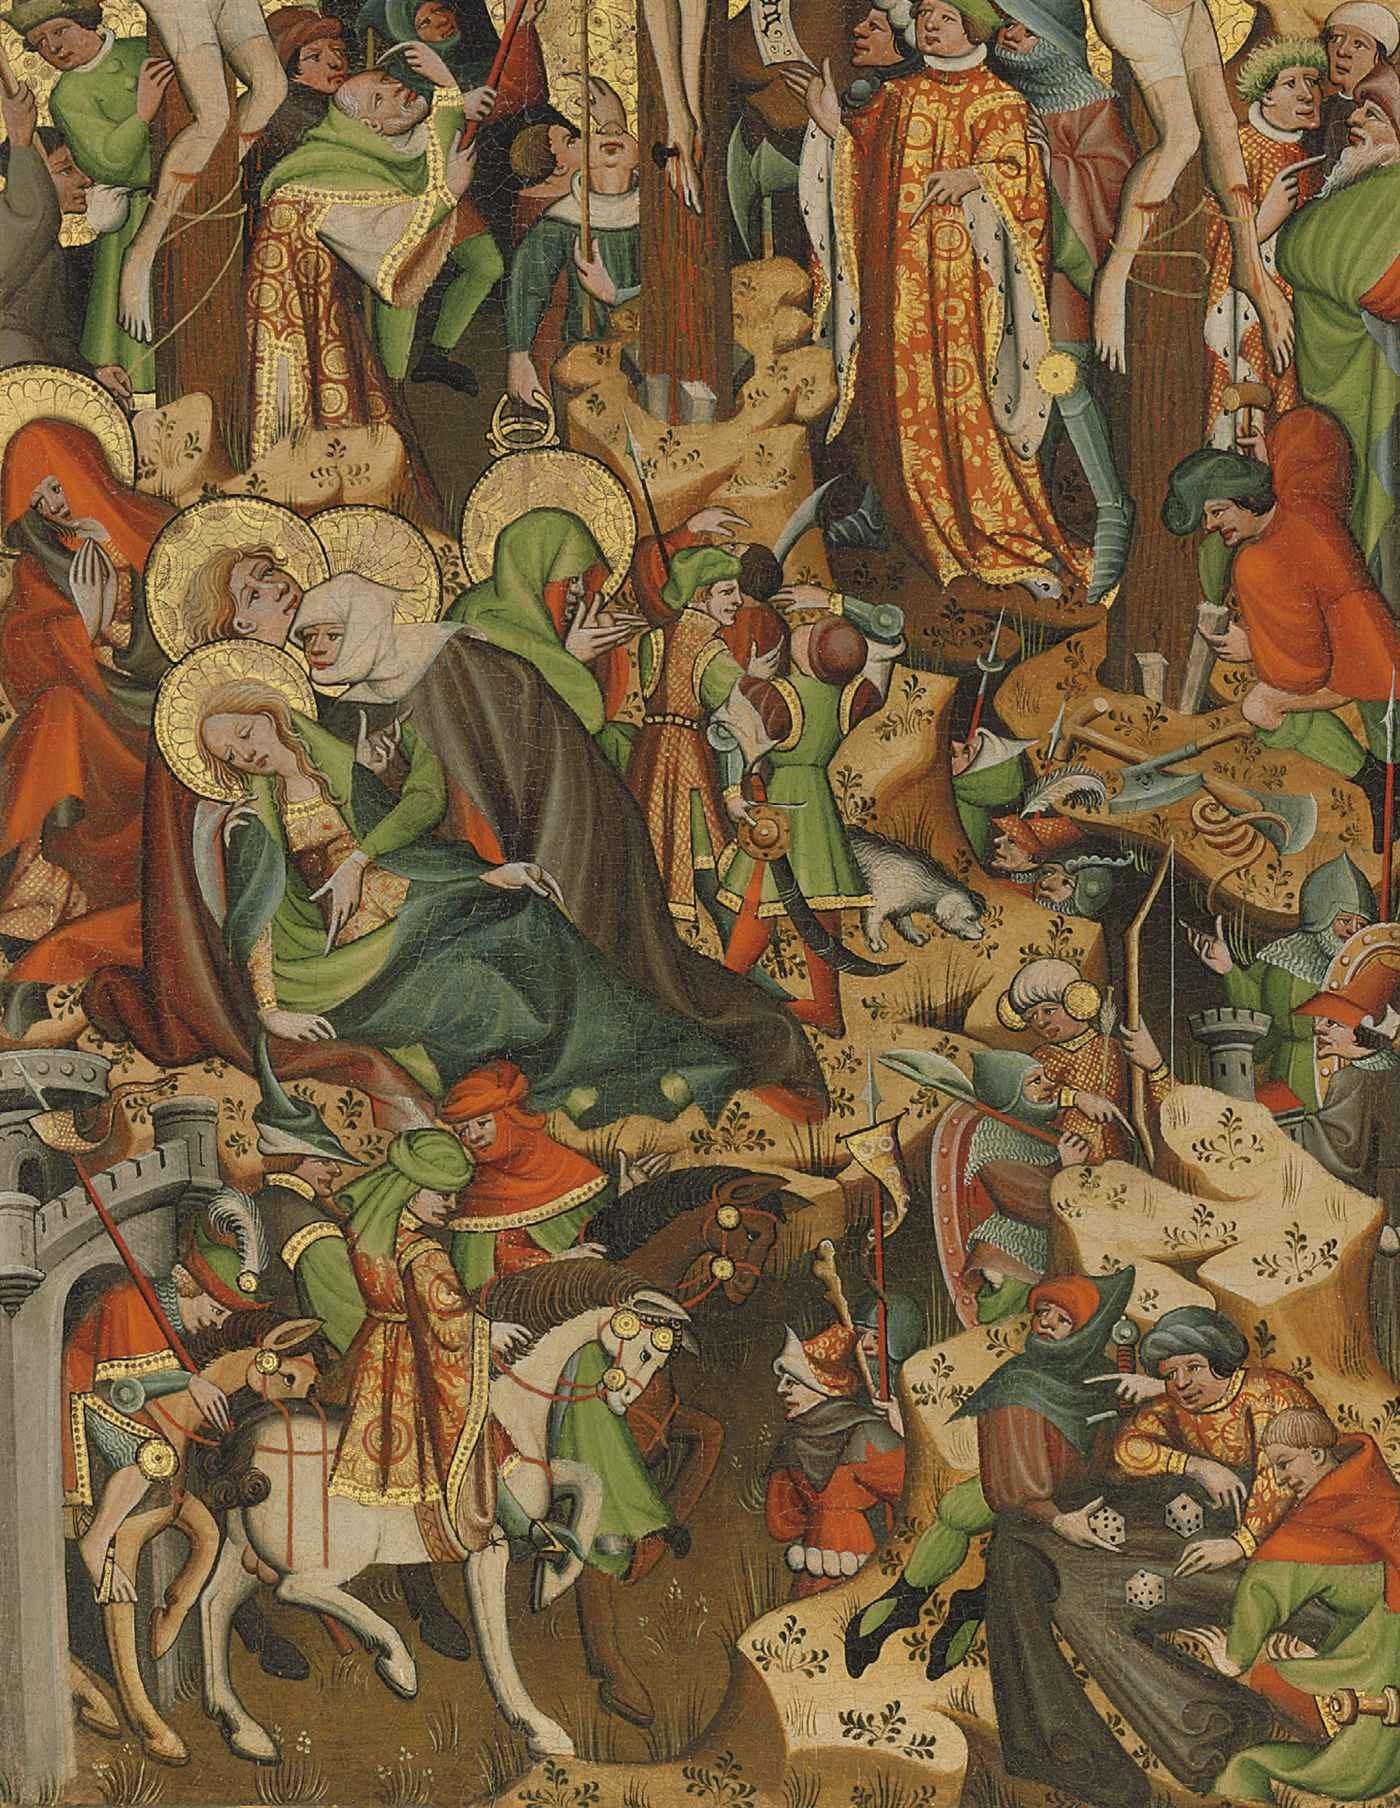 Renaissance auction at Christies